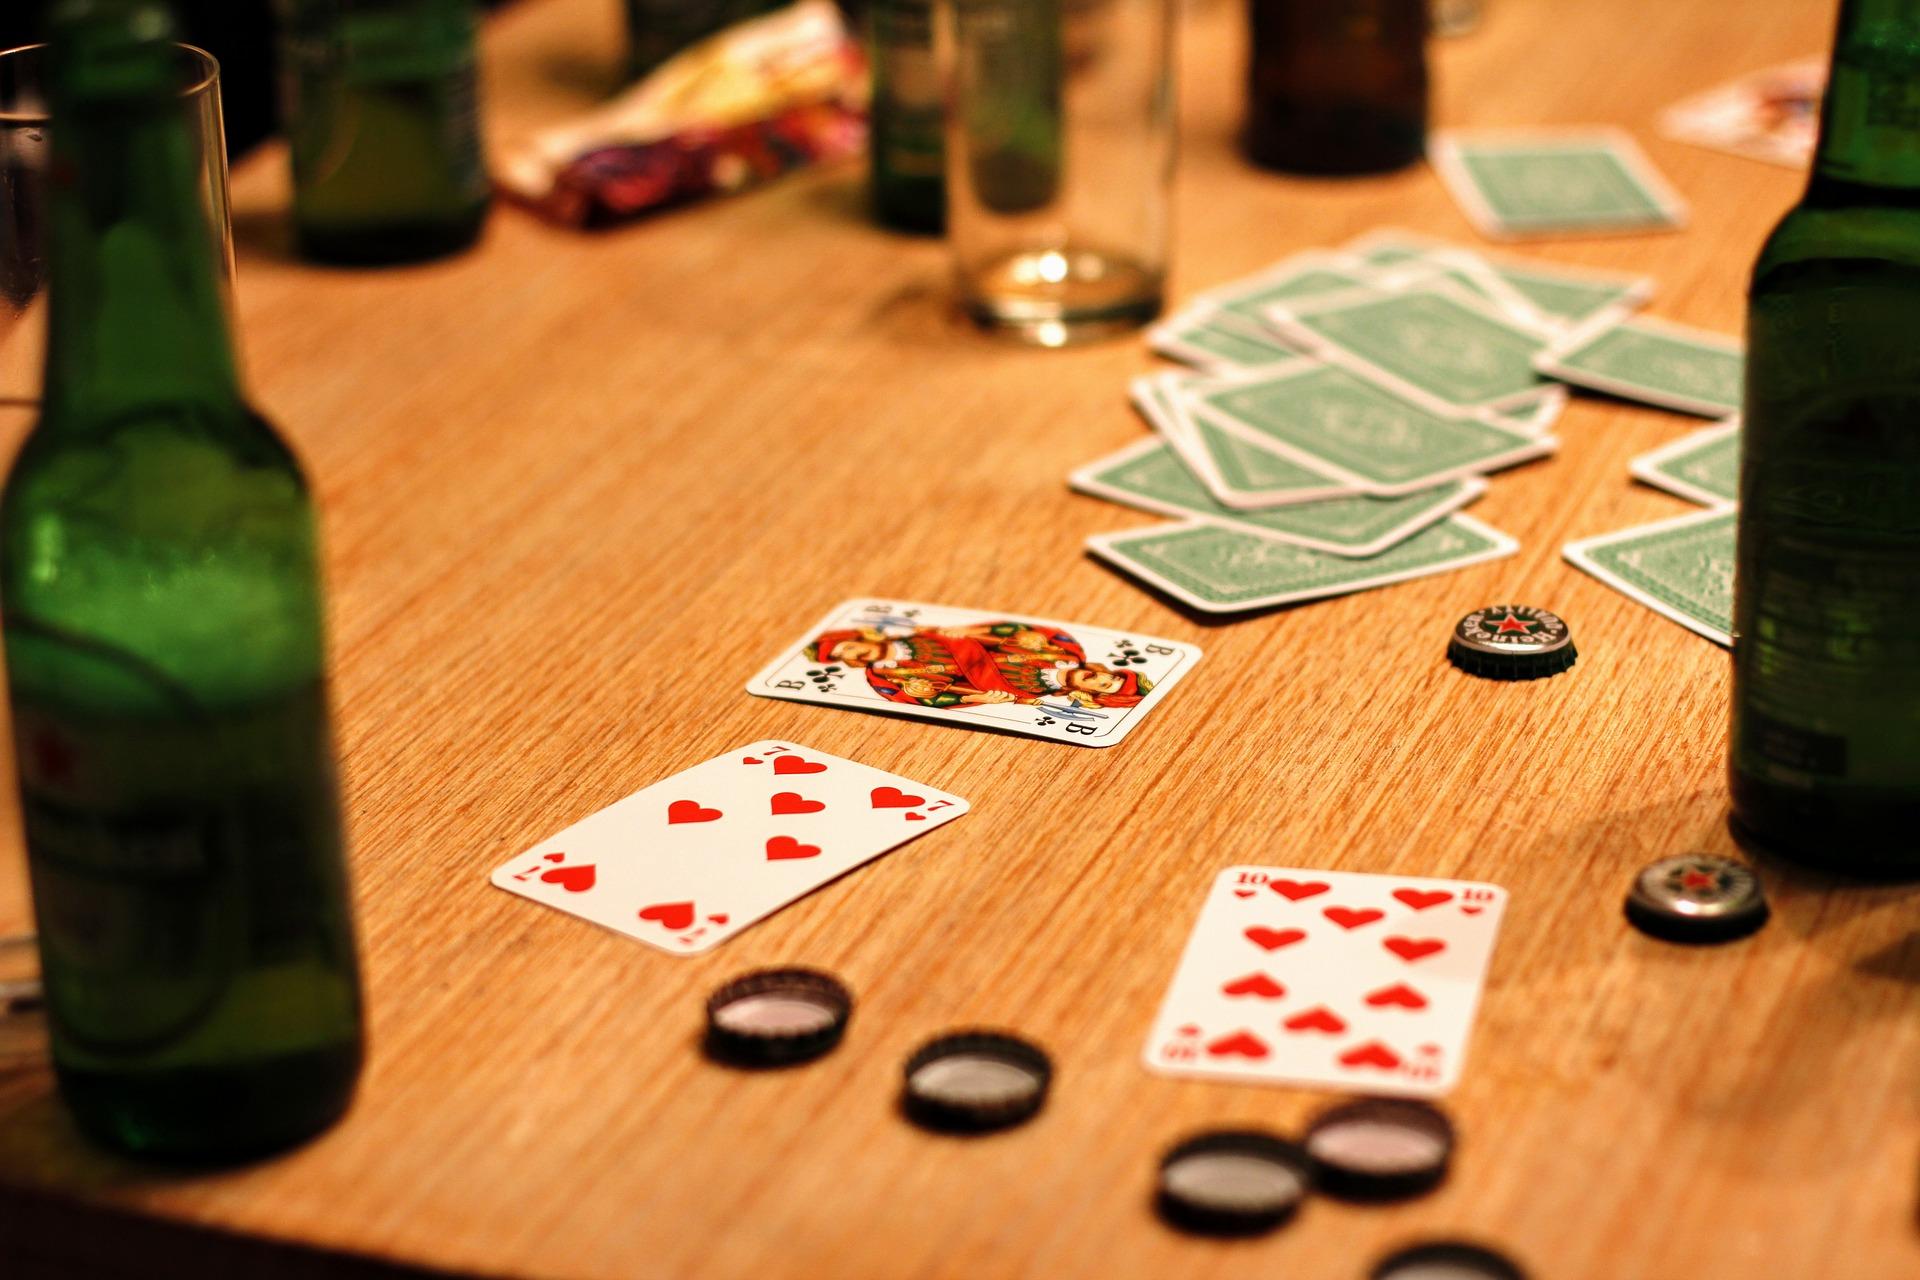 Alcohol en gokken